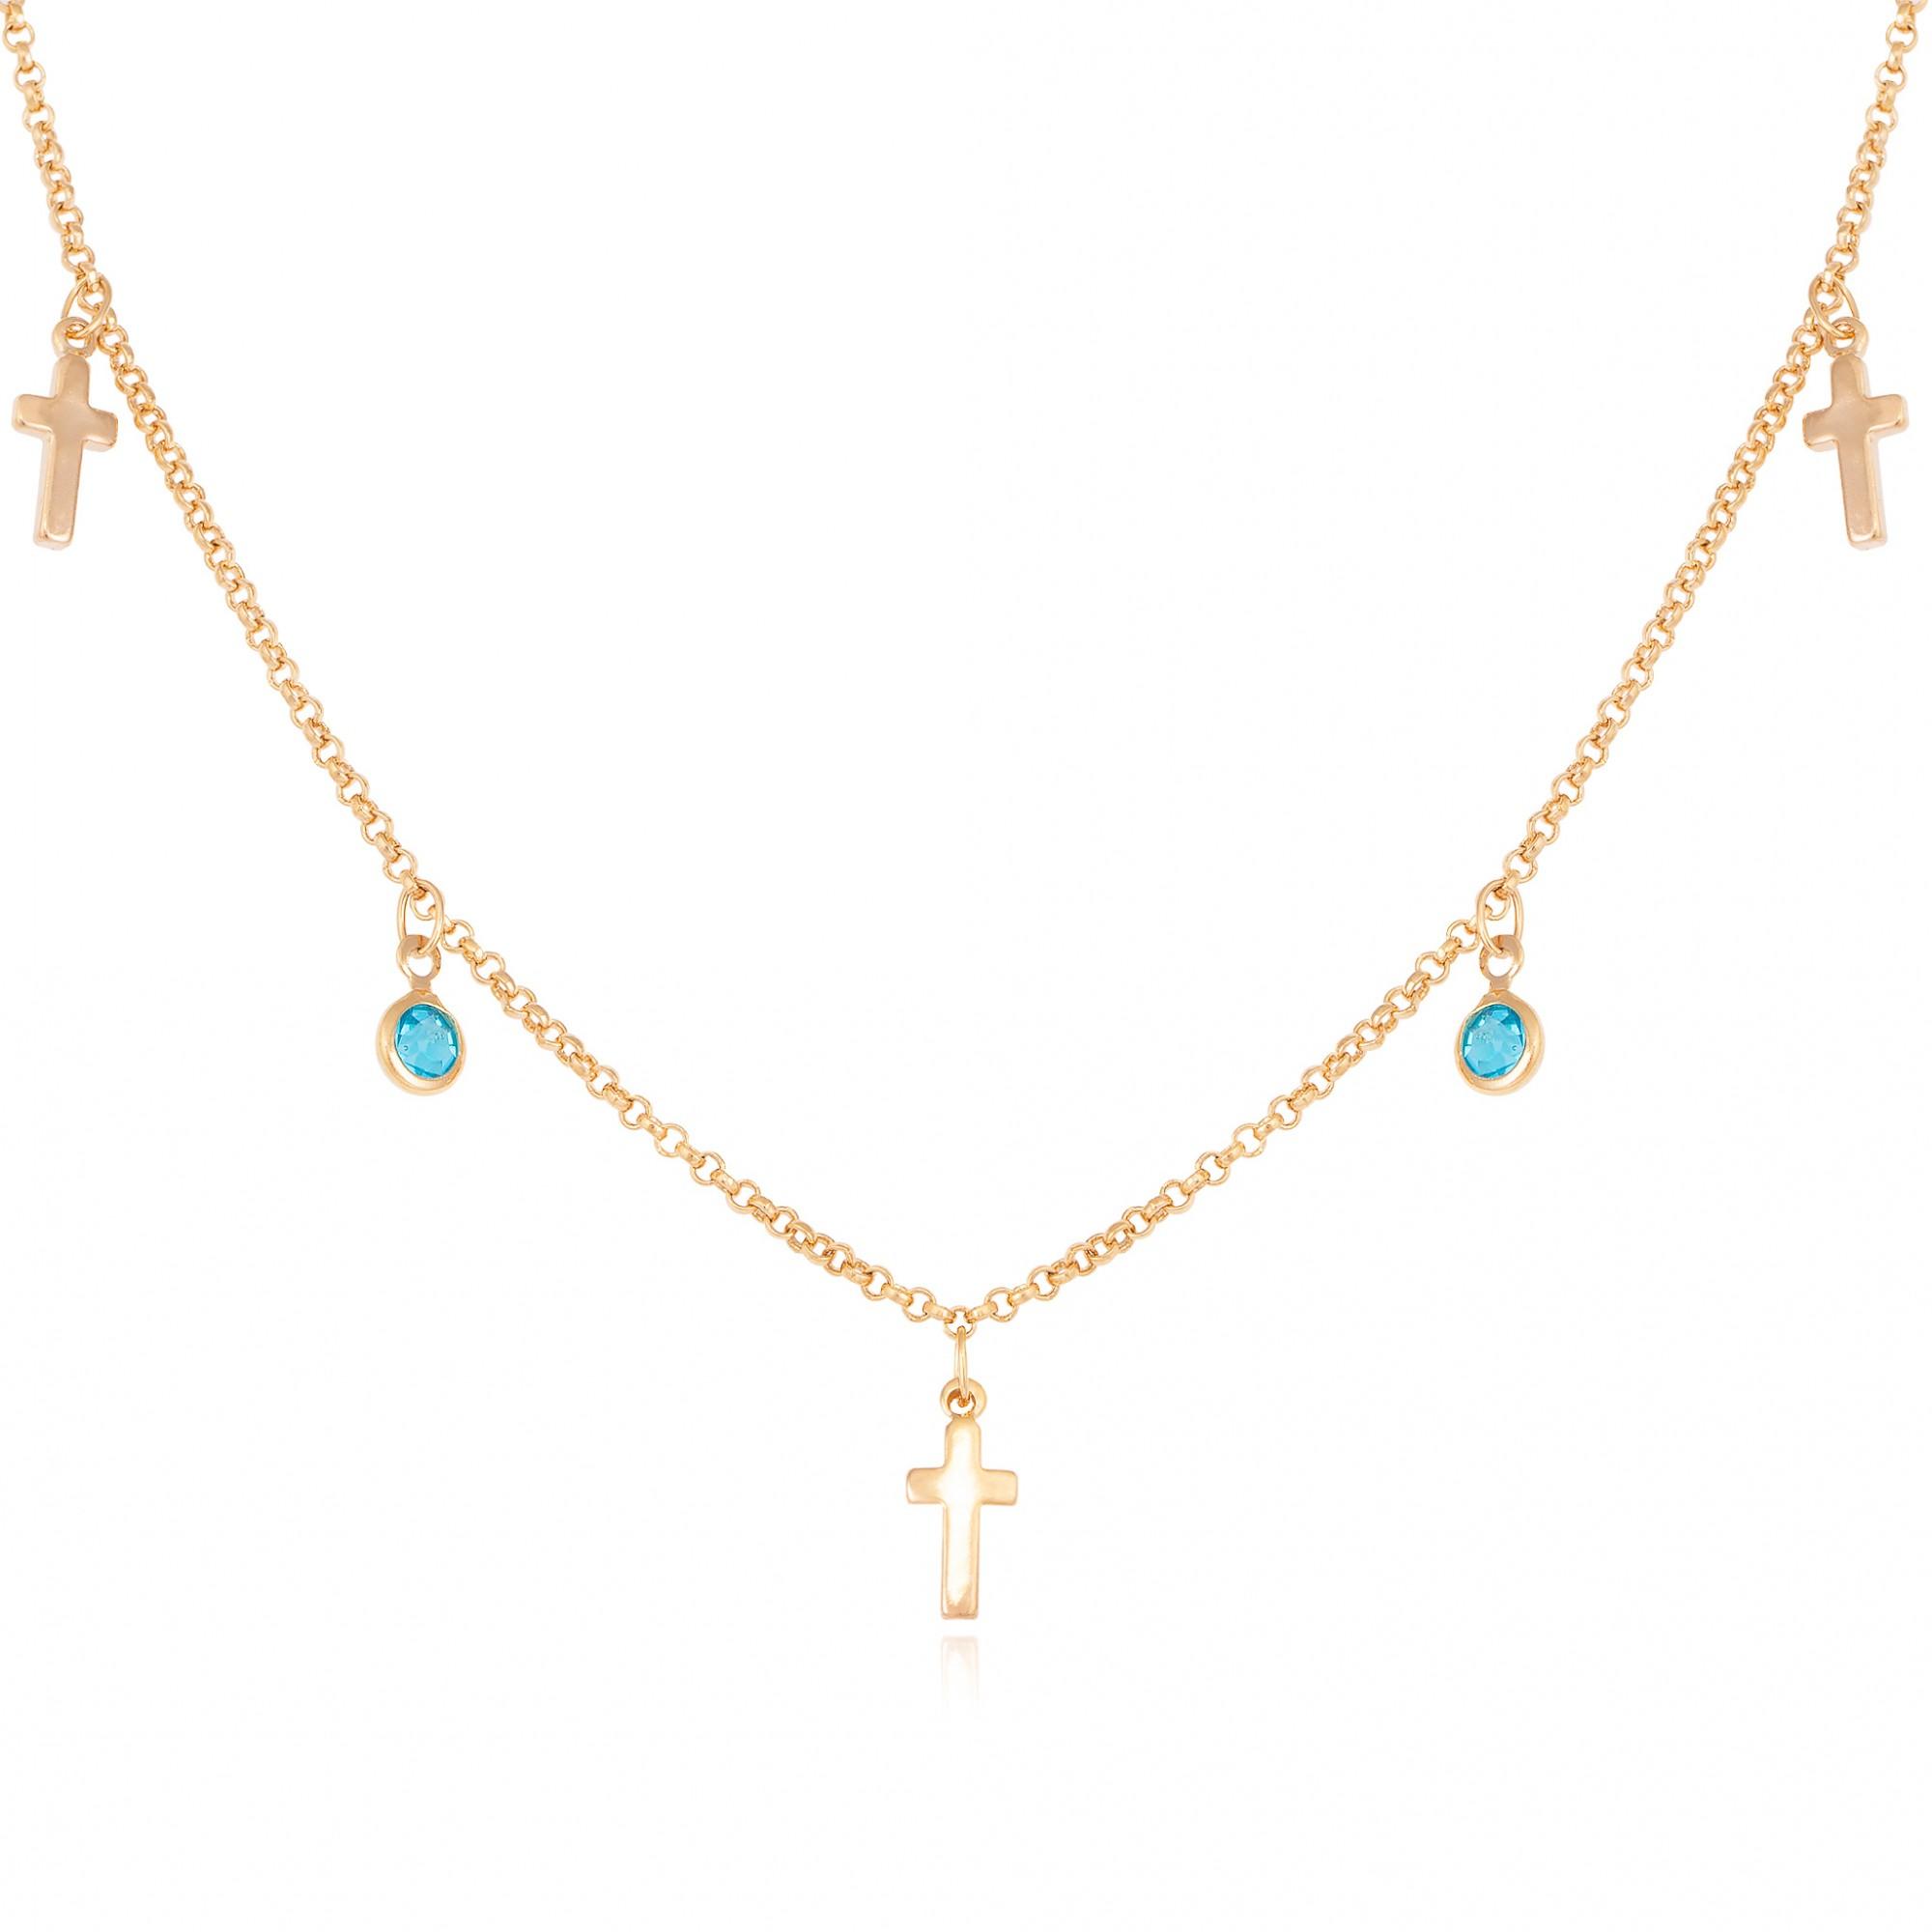 Colar pendente de cristais azuis e cruz banhado a ouro 18k.  - bfdecor.com.br